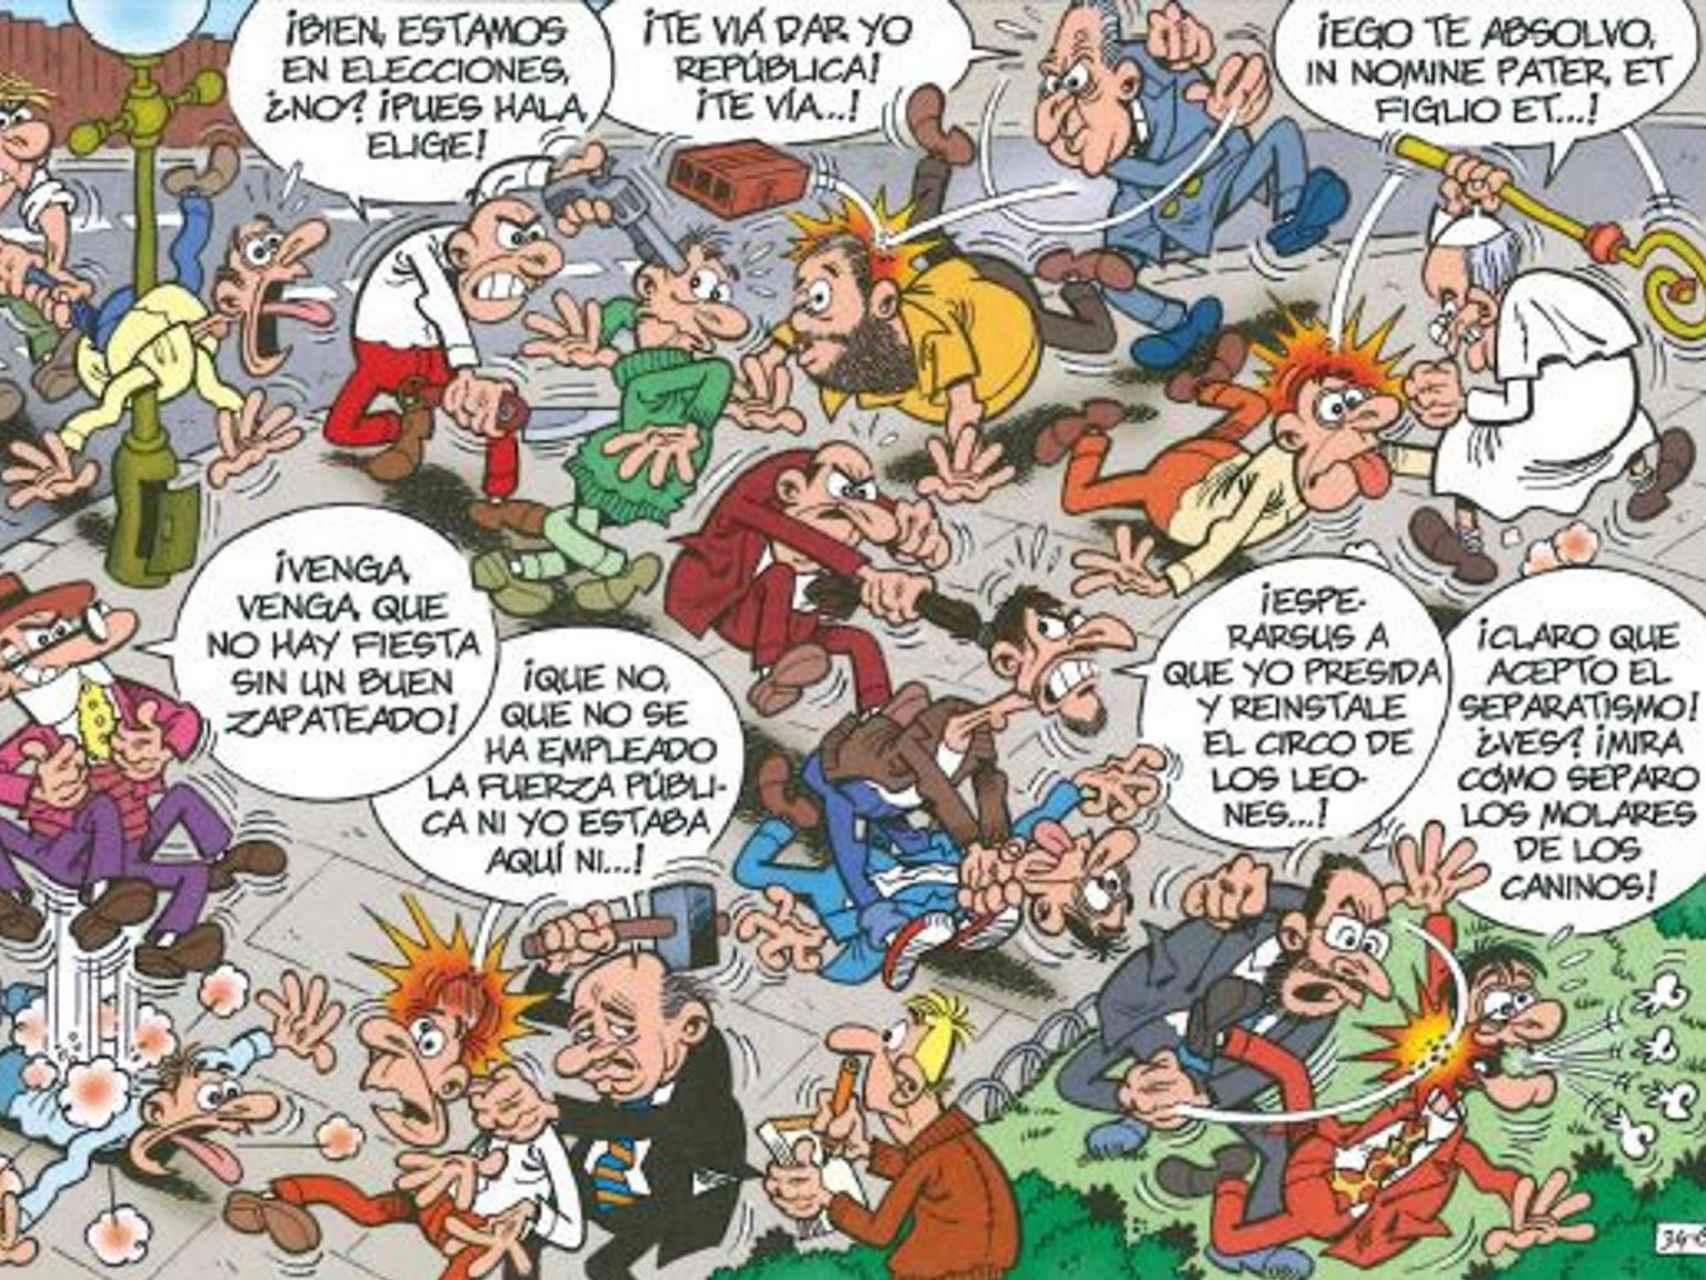 La lucha de los candidatos por el poder.